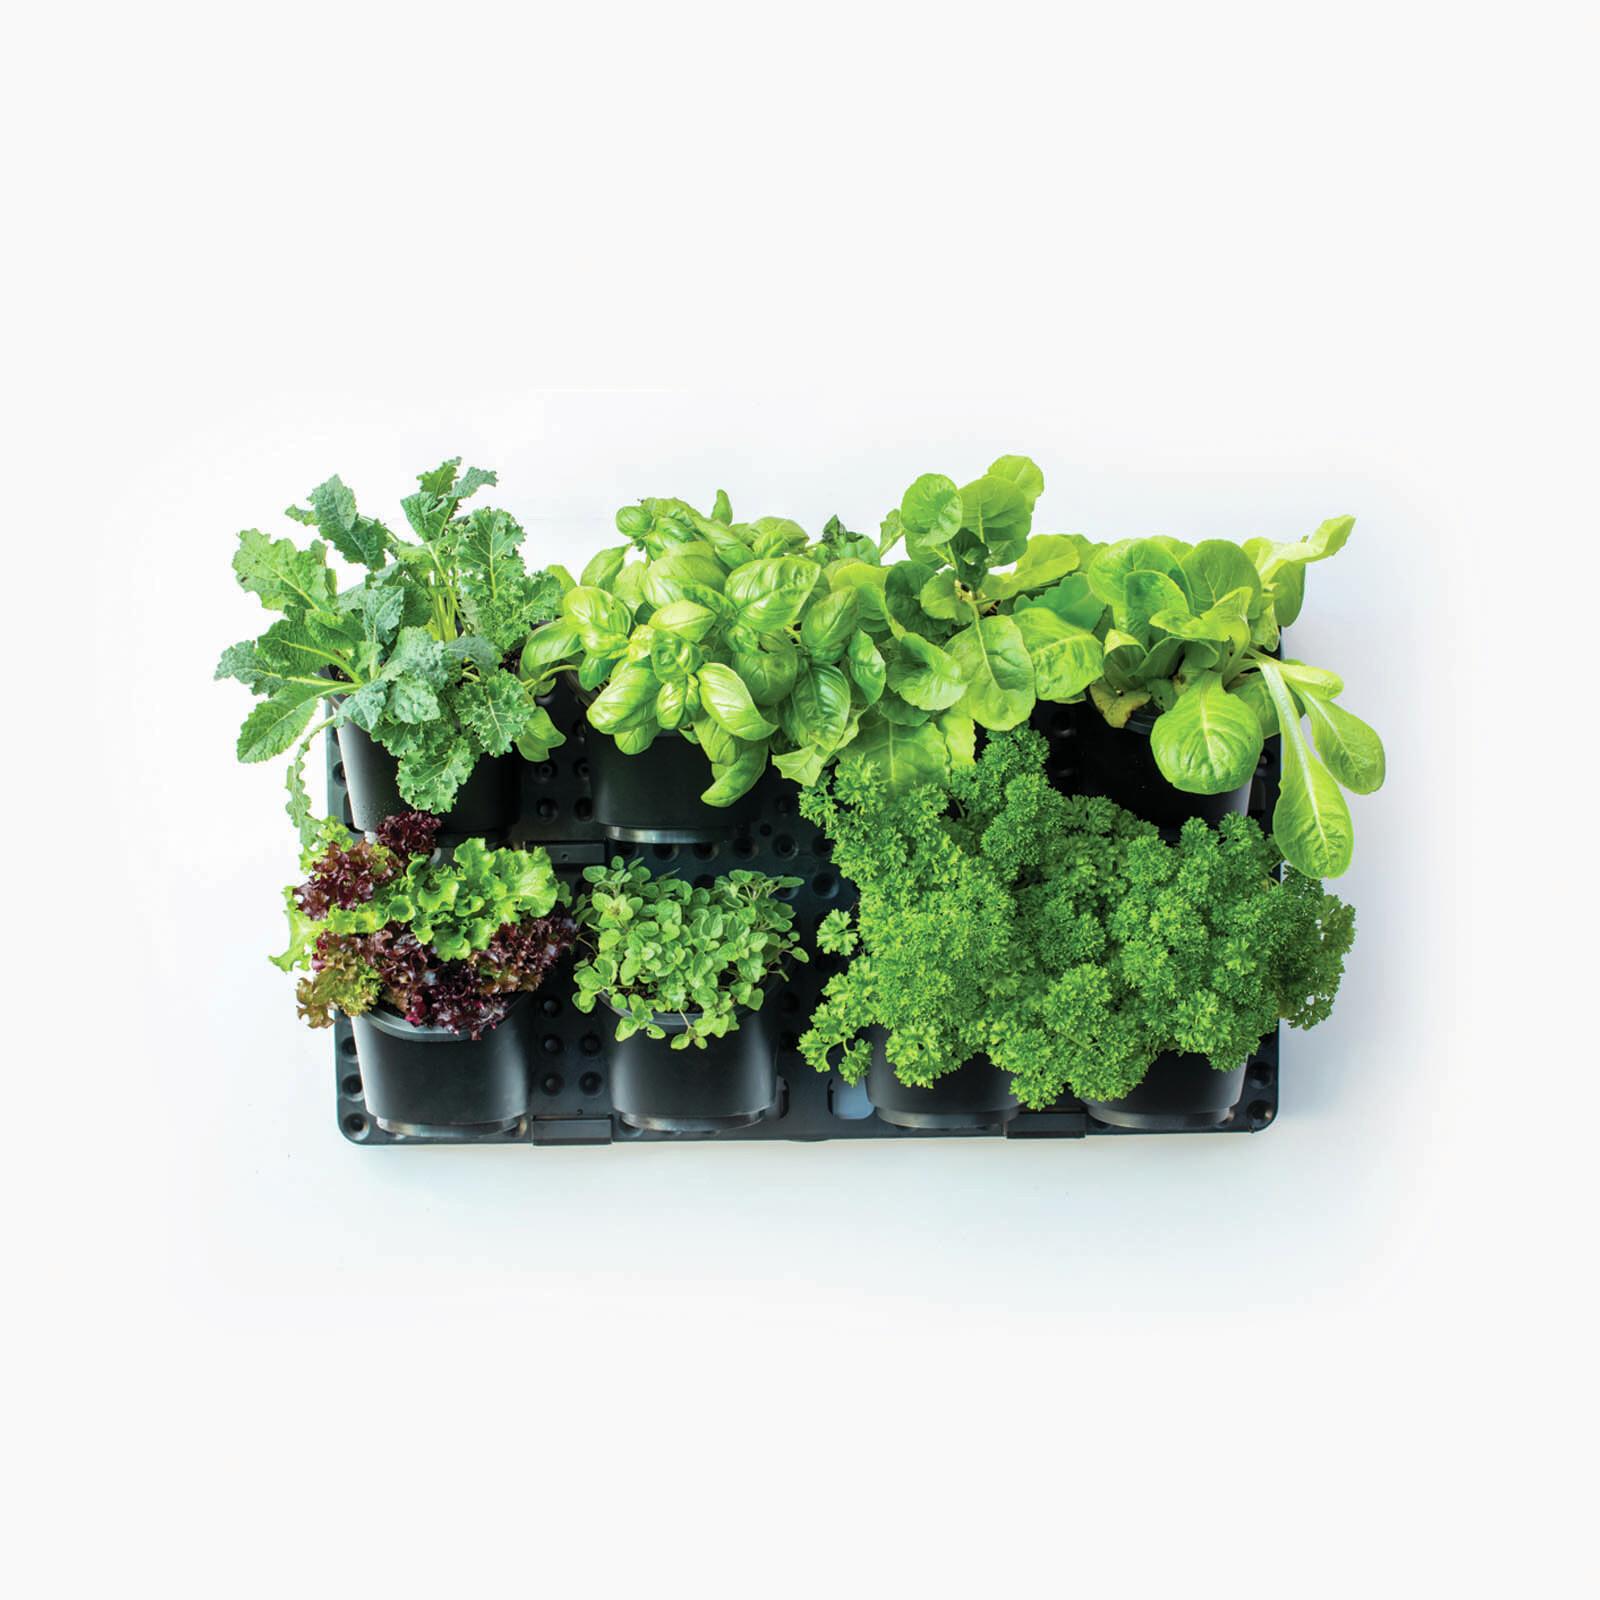 Holman Vertical GreenWall Garden Kit